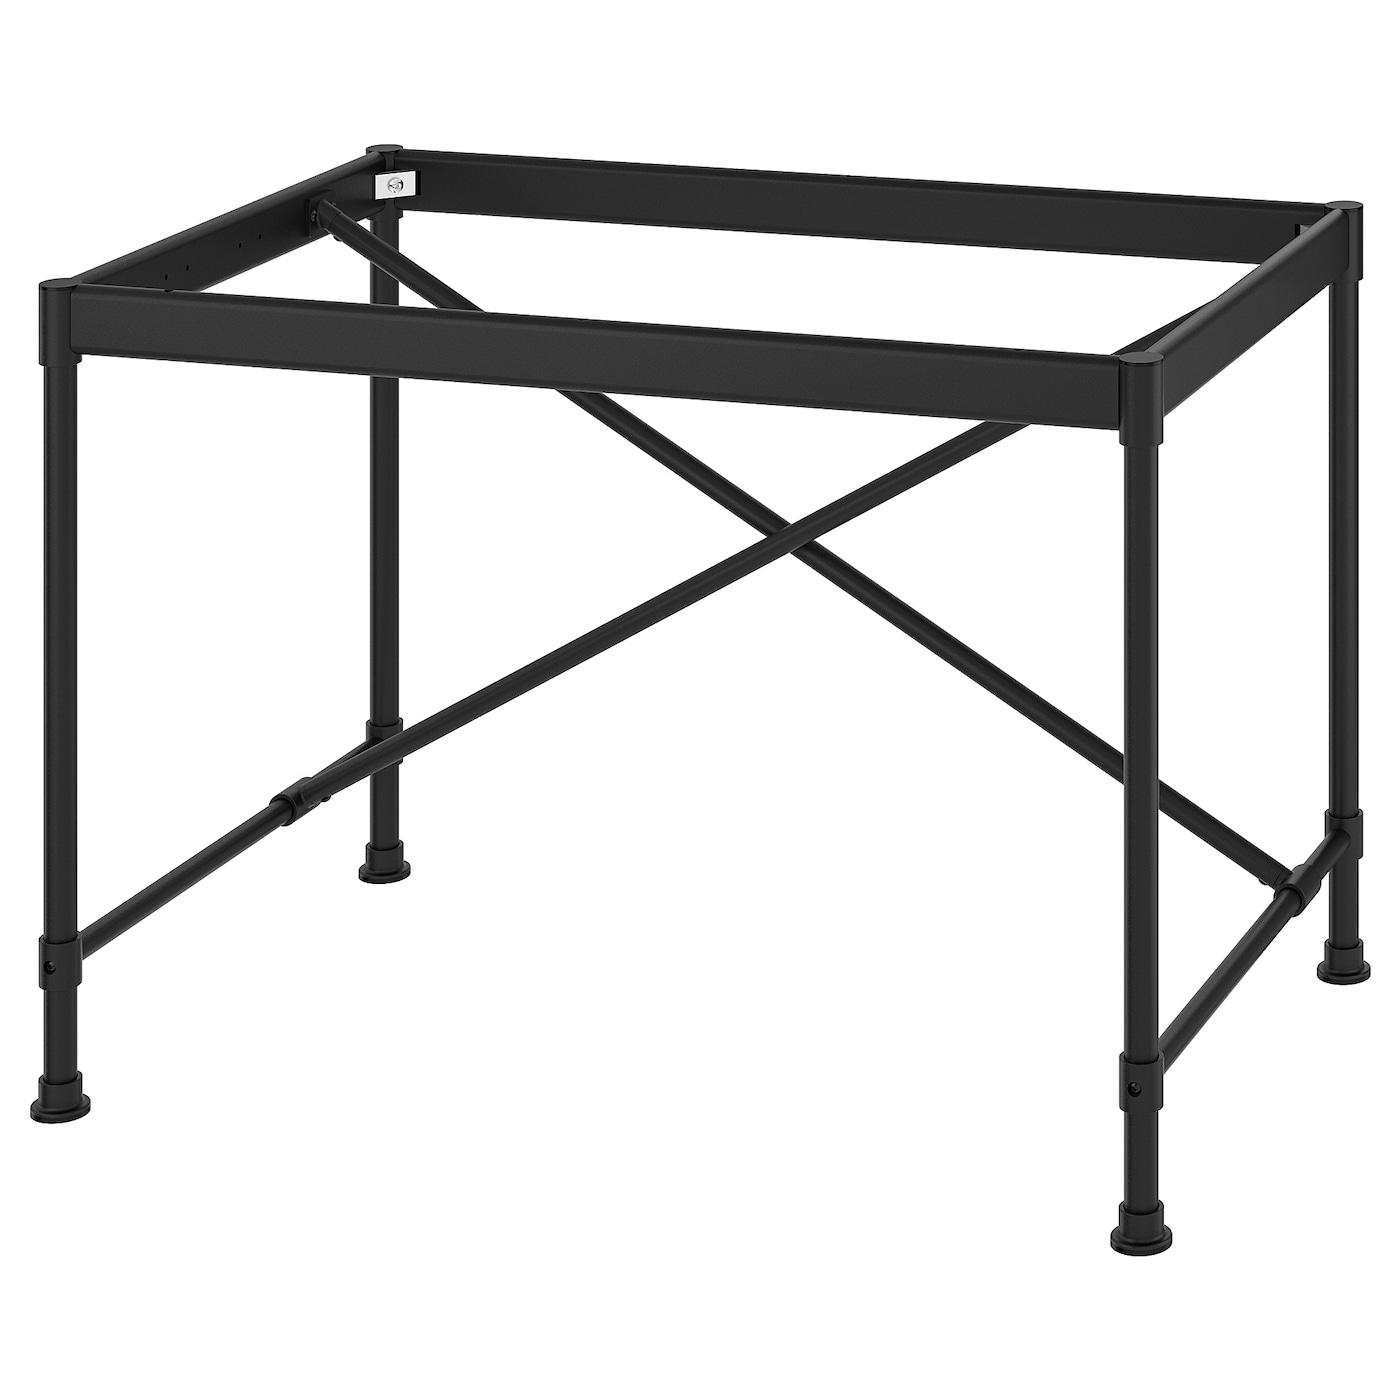 KULLABERG Podstawa blatu stołu czarny 102x62x71 cm